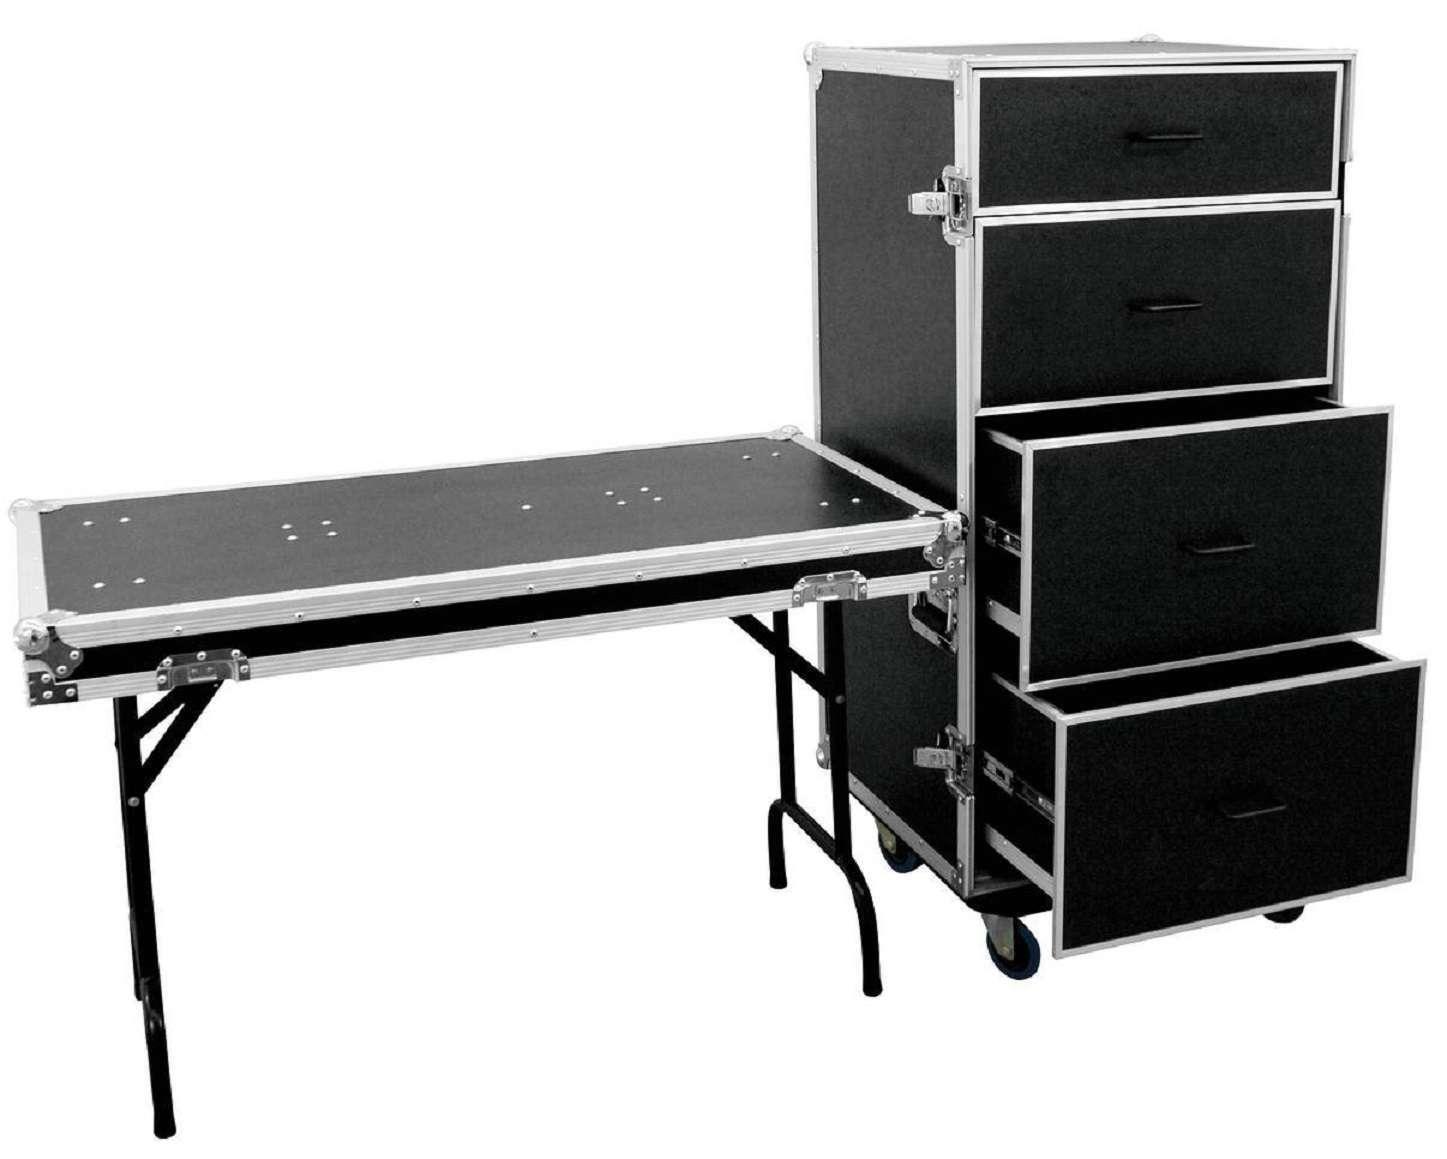 Schubladencase FD-1 mit Tisch, Transportcase Werkzeugwagen Roadiecase Flightcase